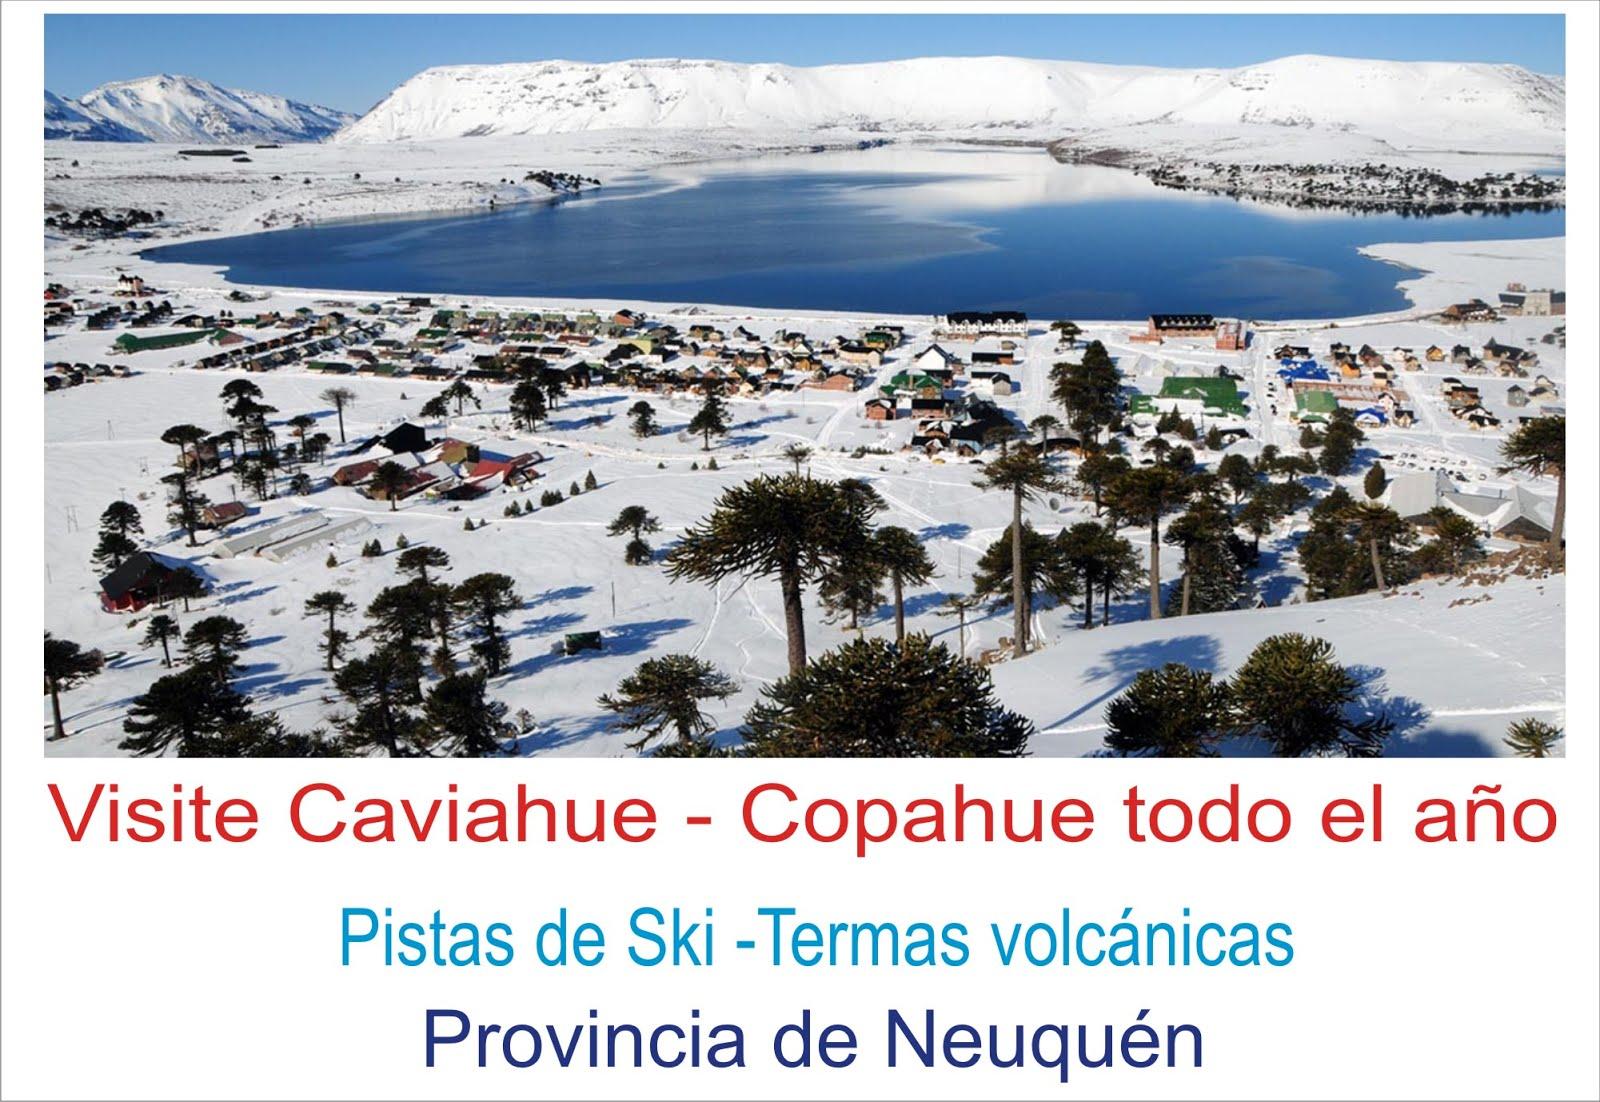 Caviahue - Copahue